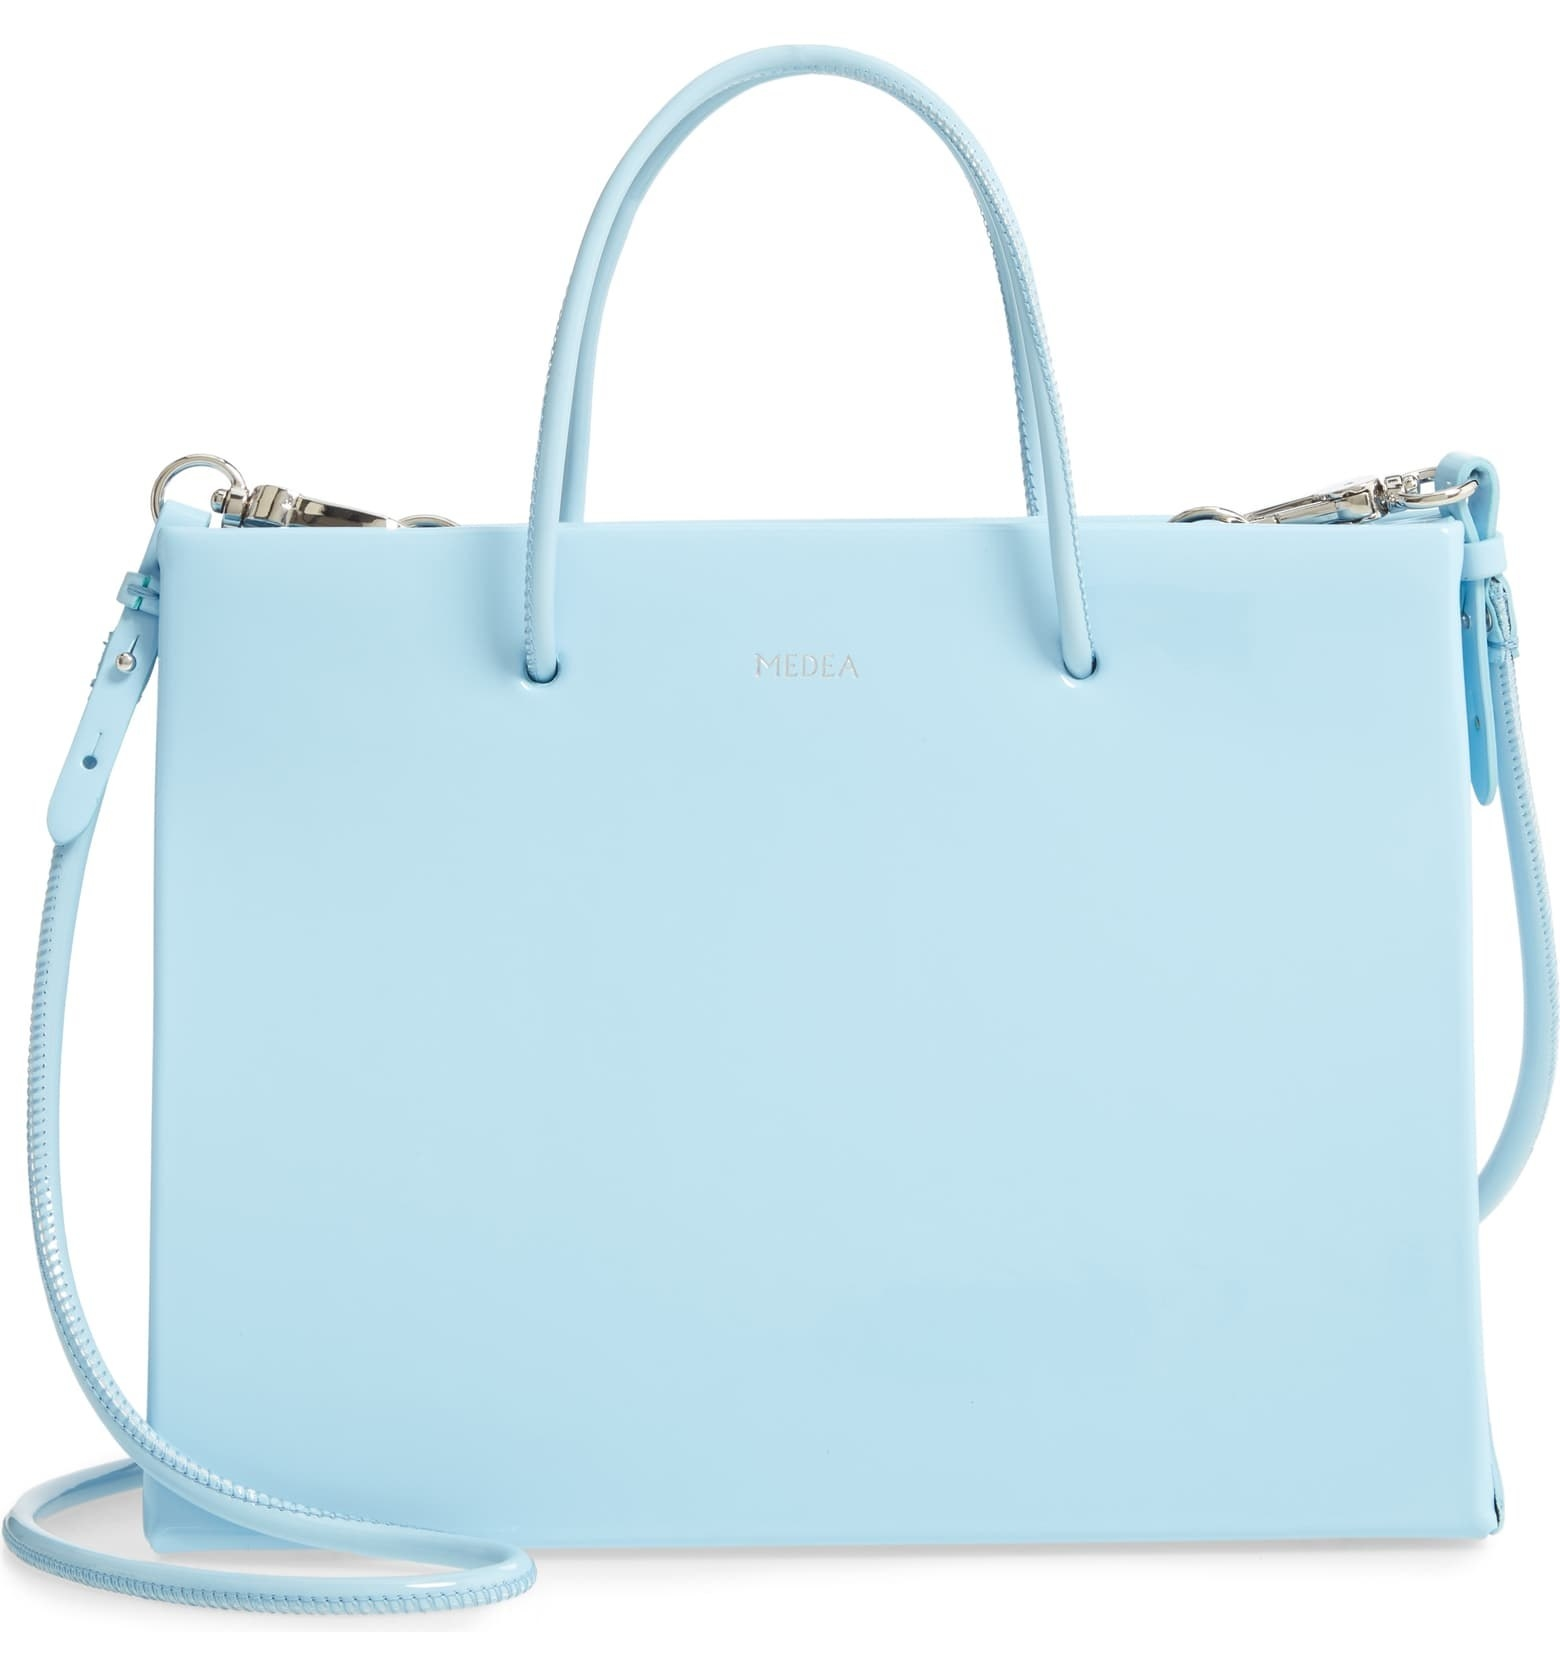 Hanna Vinyl Bag in light blue